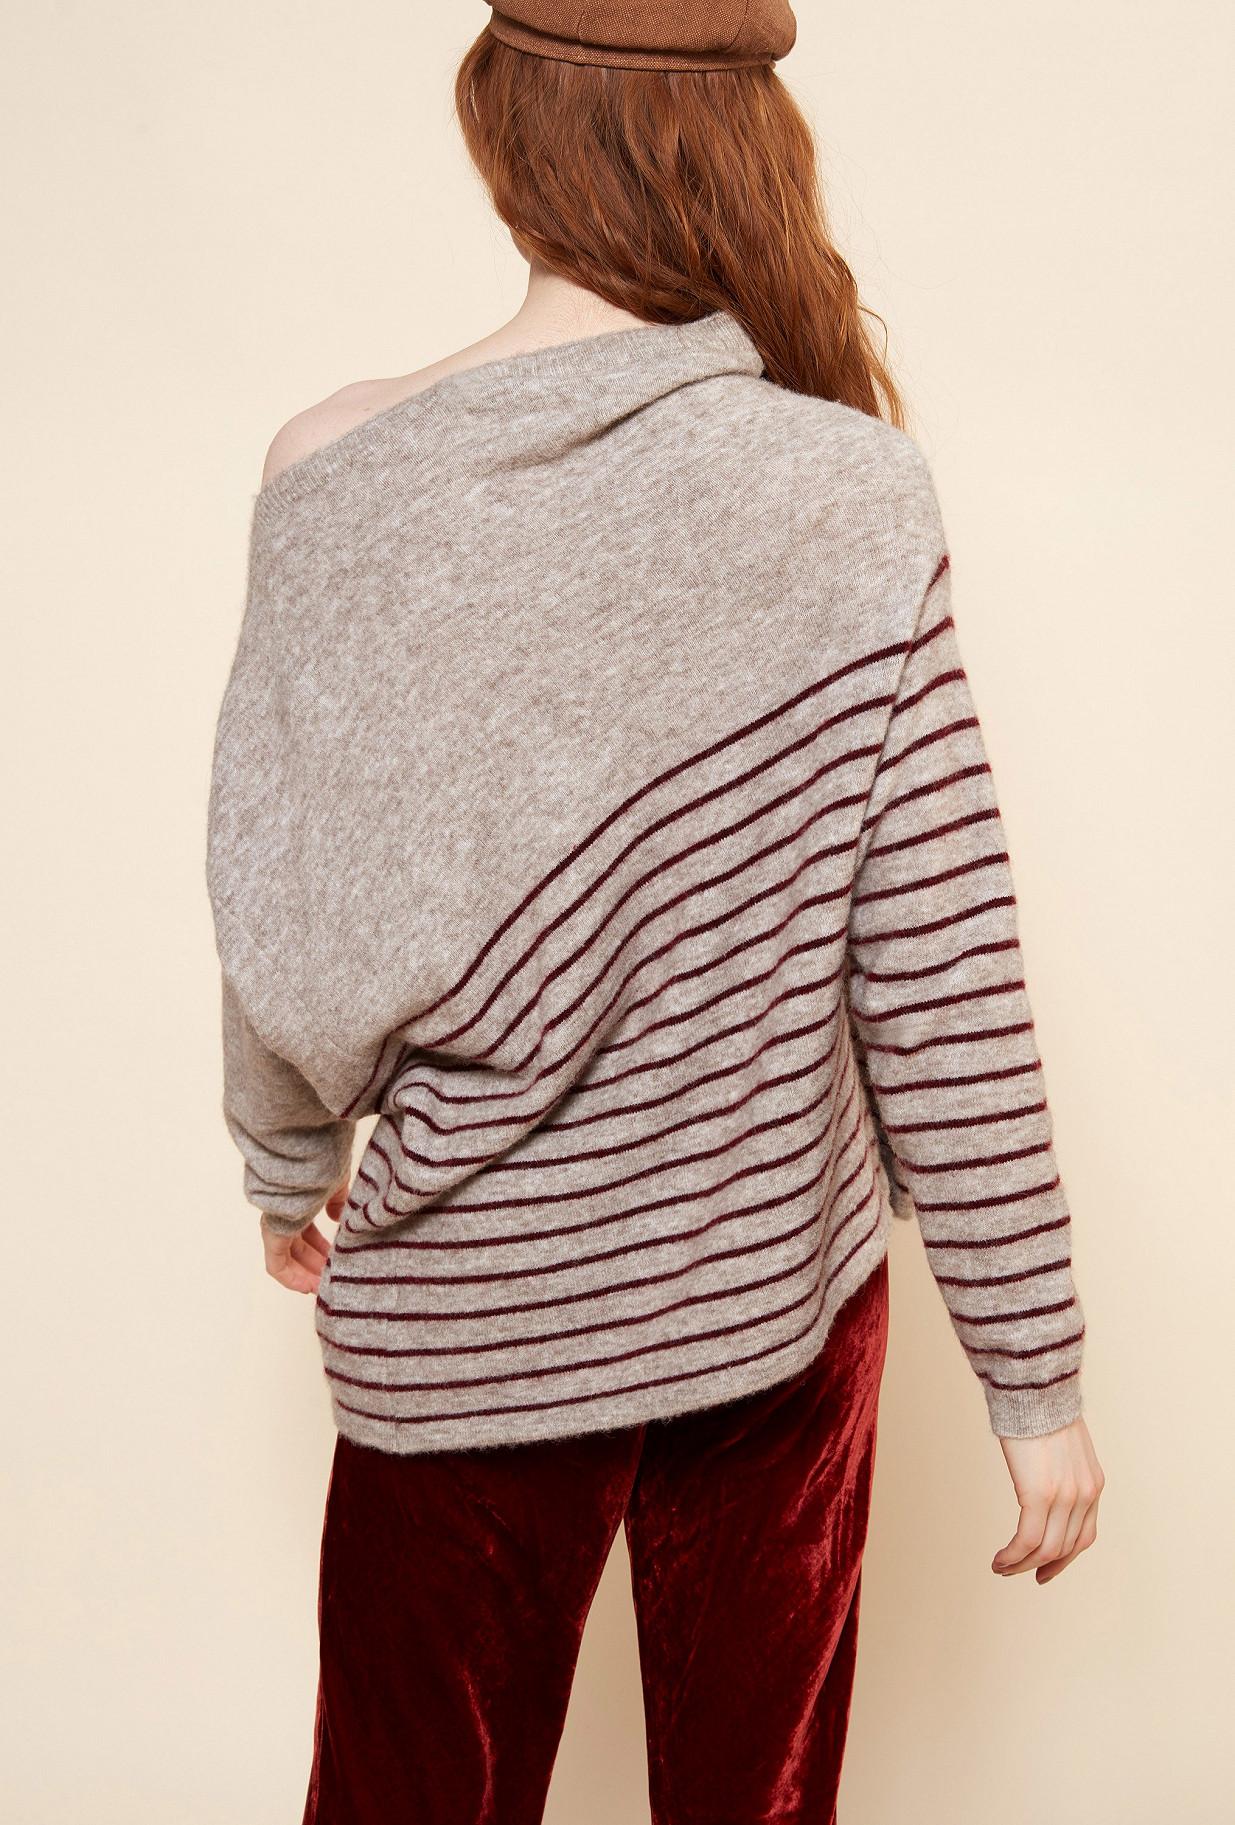 Beige  Knit  Kersauson Mes demoiselles fashion clothes designer Paris